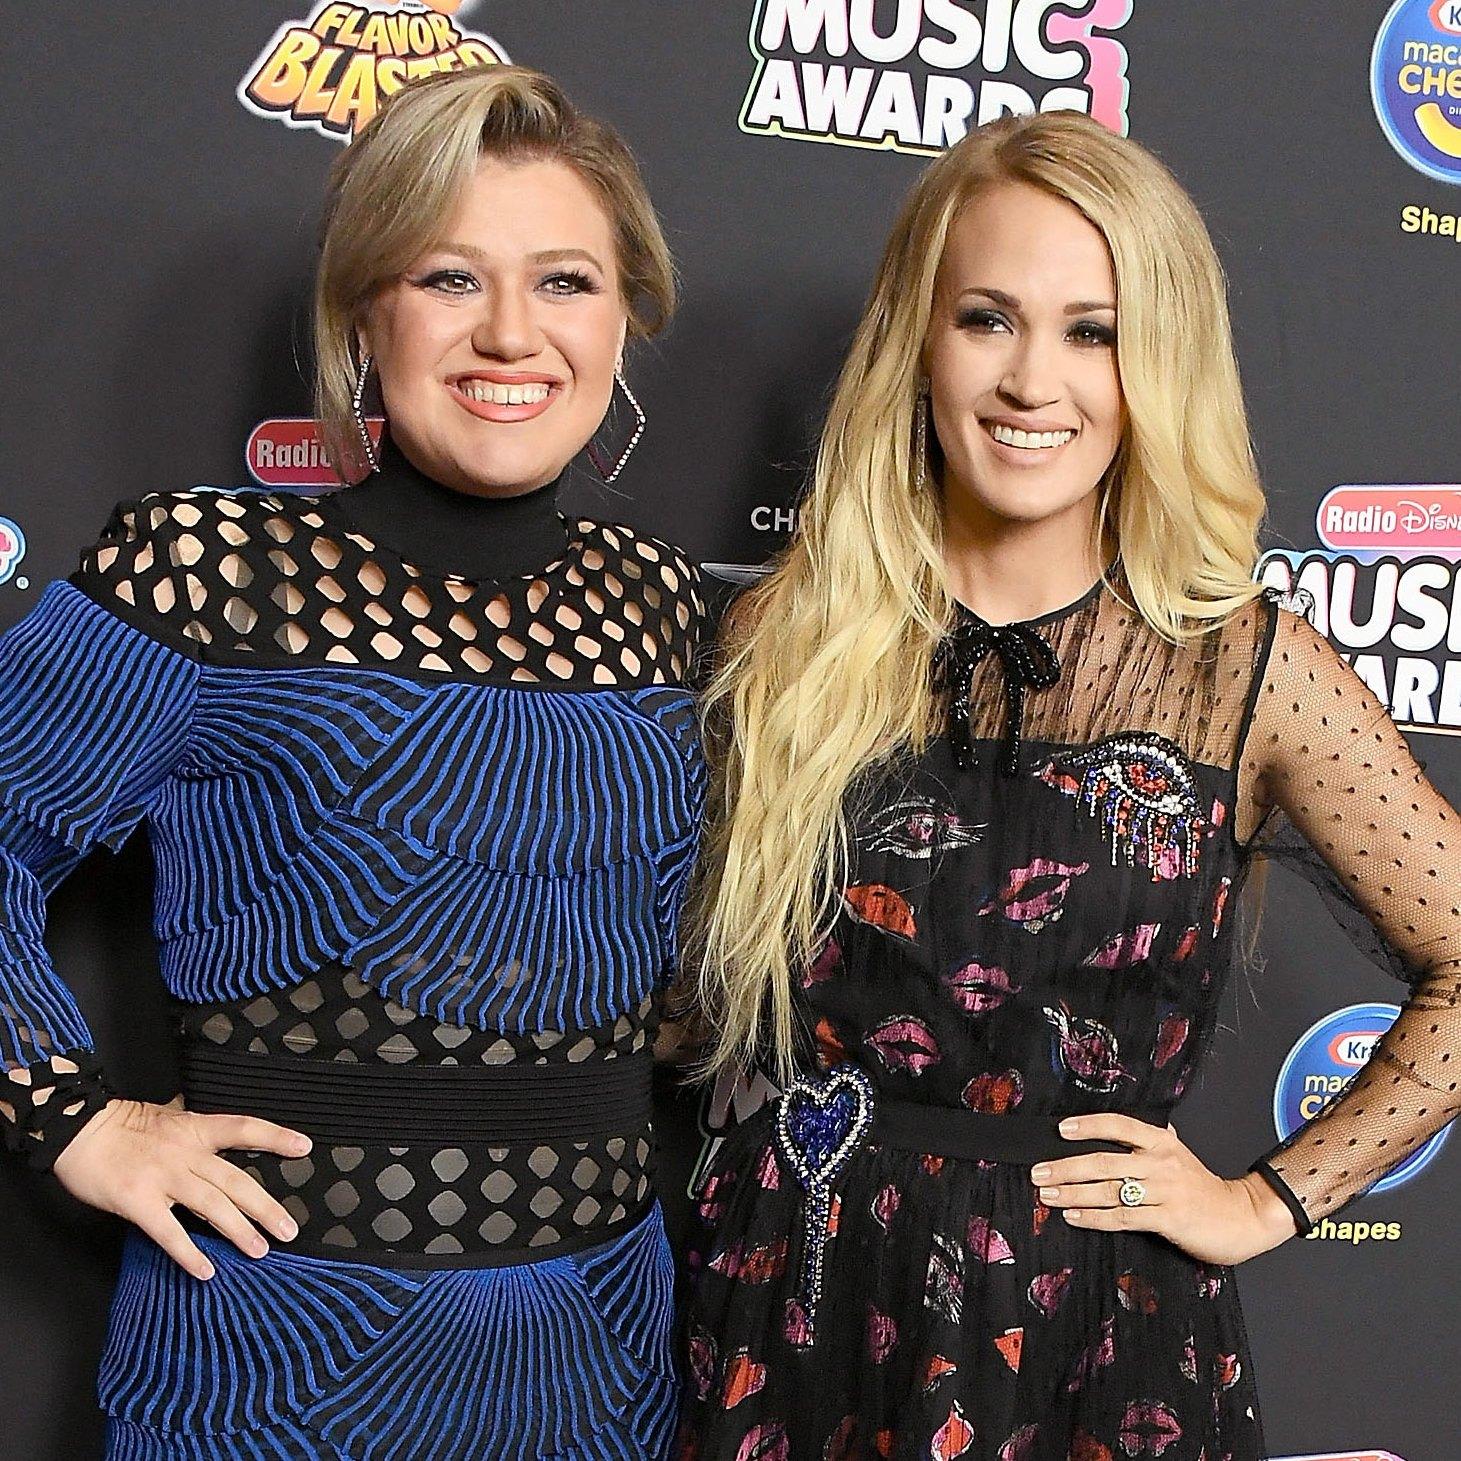 Kelly Clarkson, Carrie Underwood